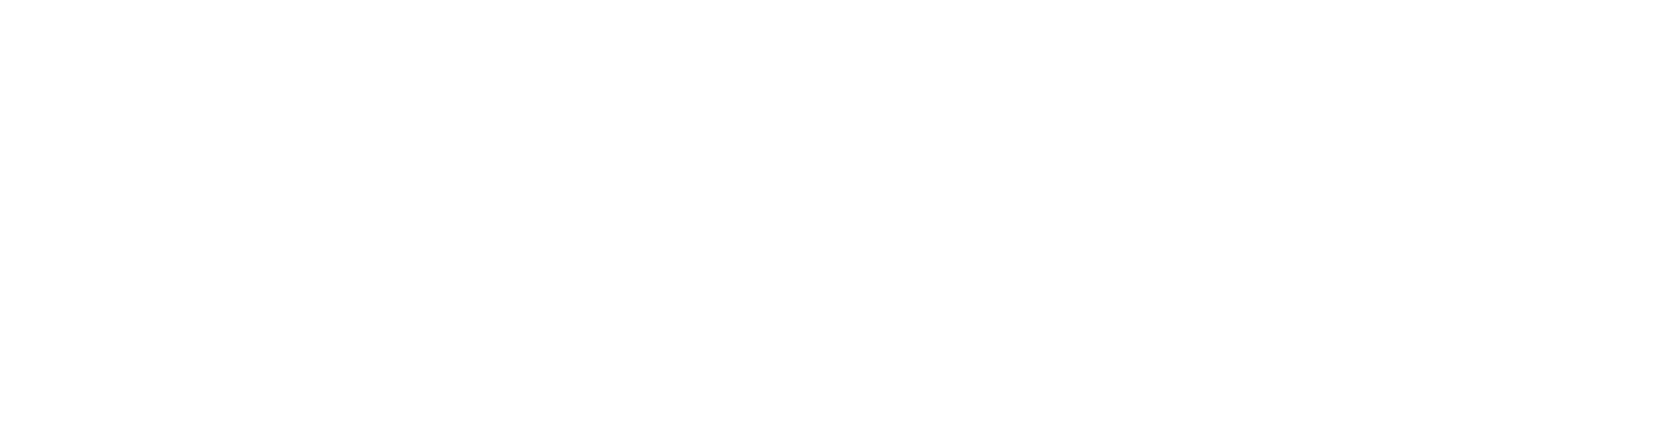 turn-logo-2019_white.png